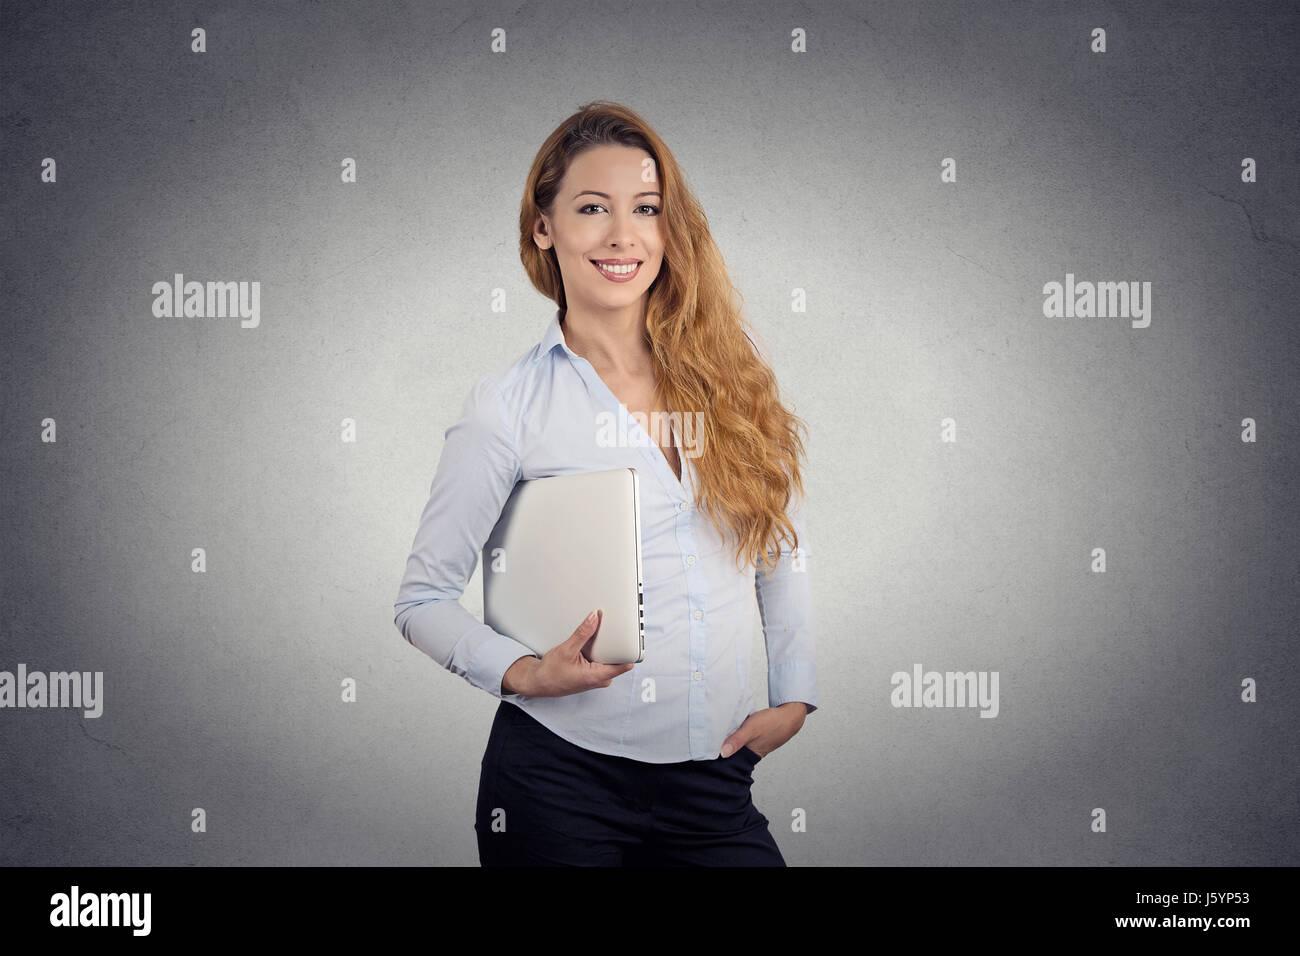 Ritratto giovane bella donna felice azienda laptop sorridente isolato permanente su office muro grigio Sfondo. Faccia Immagini Stock